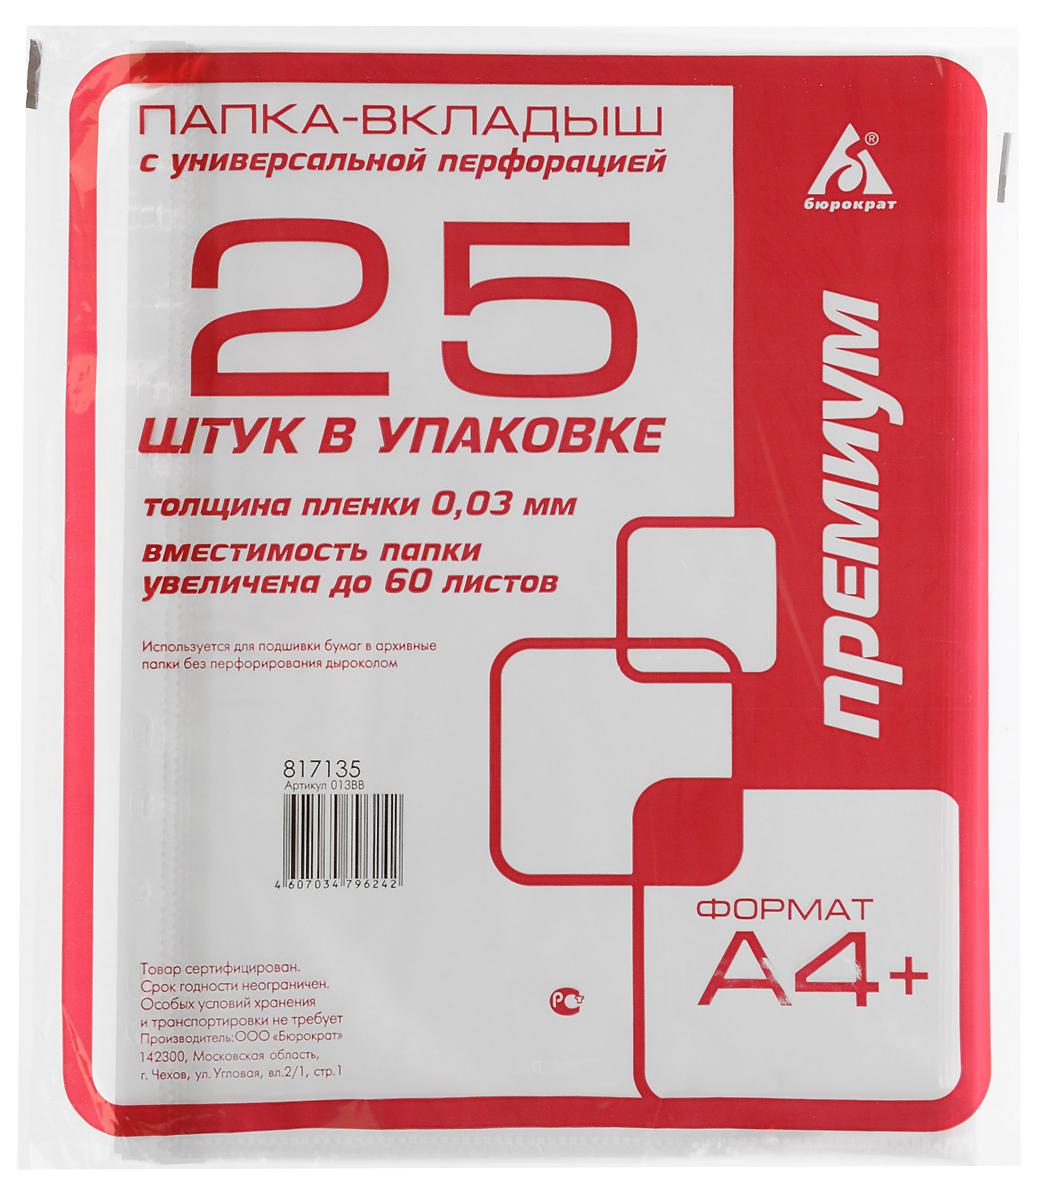 Бюрократ Папка-вкладыш с универсальной перфорацией 25 шт817135Папка-вкладыш Бюрократ формата А4+ с универсальной перфорацией, предназначена для подшивки бумаг в архивные папки без перфорирования дыроколом. В комплекте 25 папок-вкладышей. Каждая папка изготовлена из качественного полипропилена и вмещает до 60 листов бумаги.